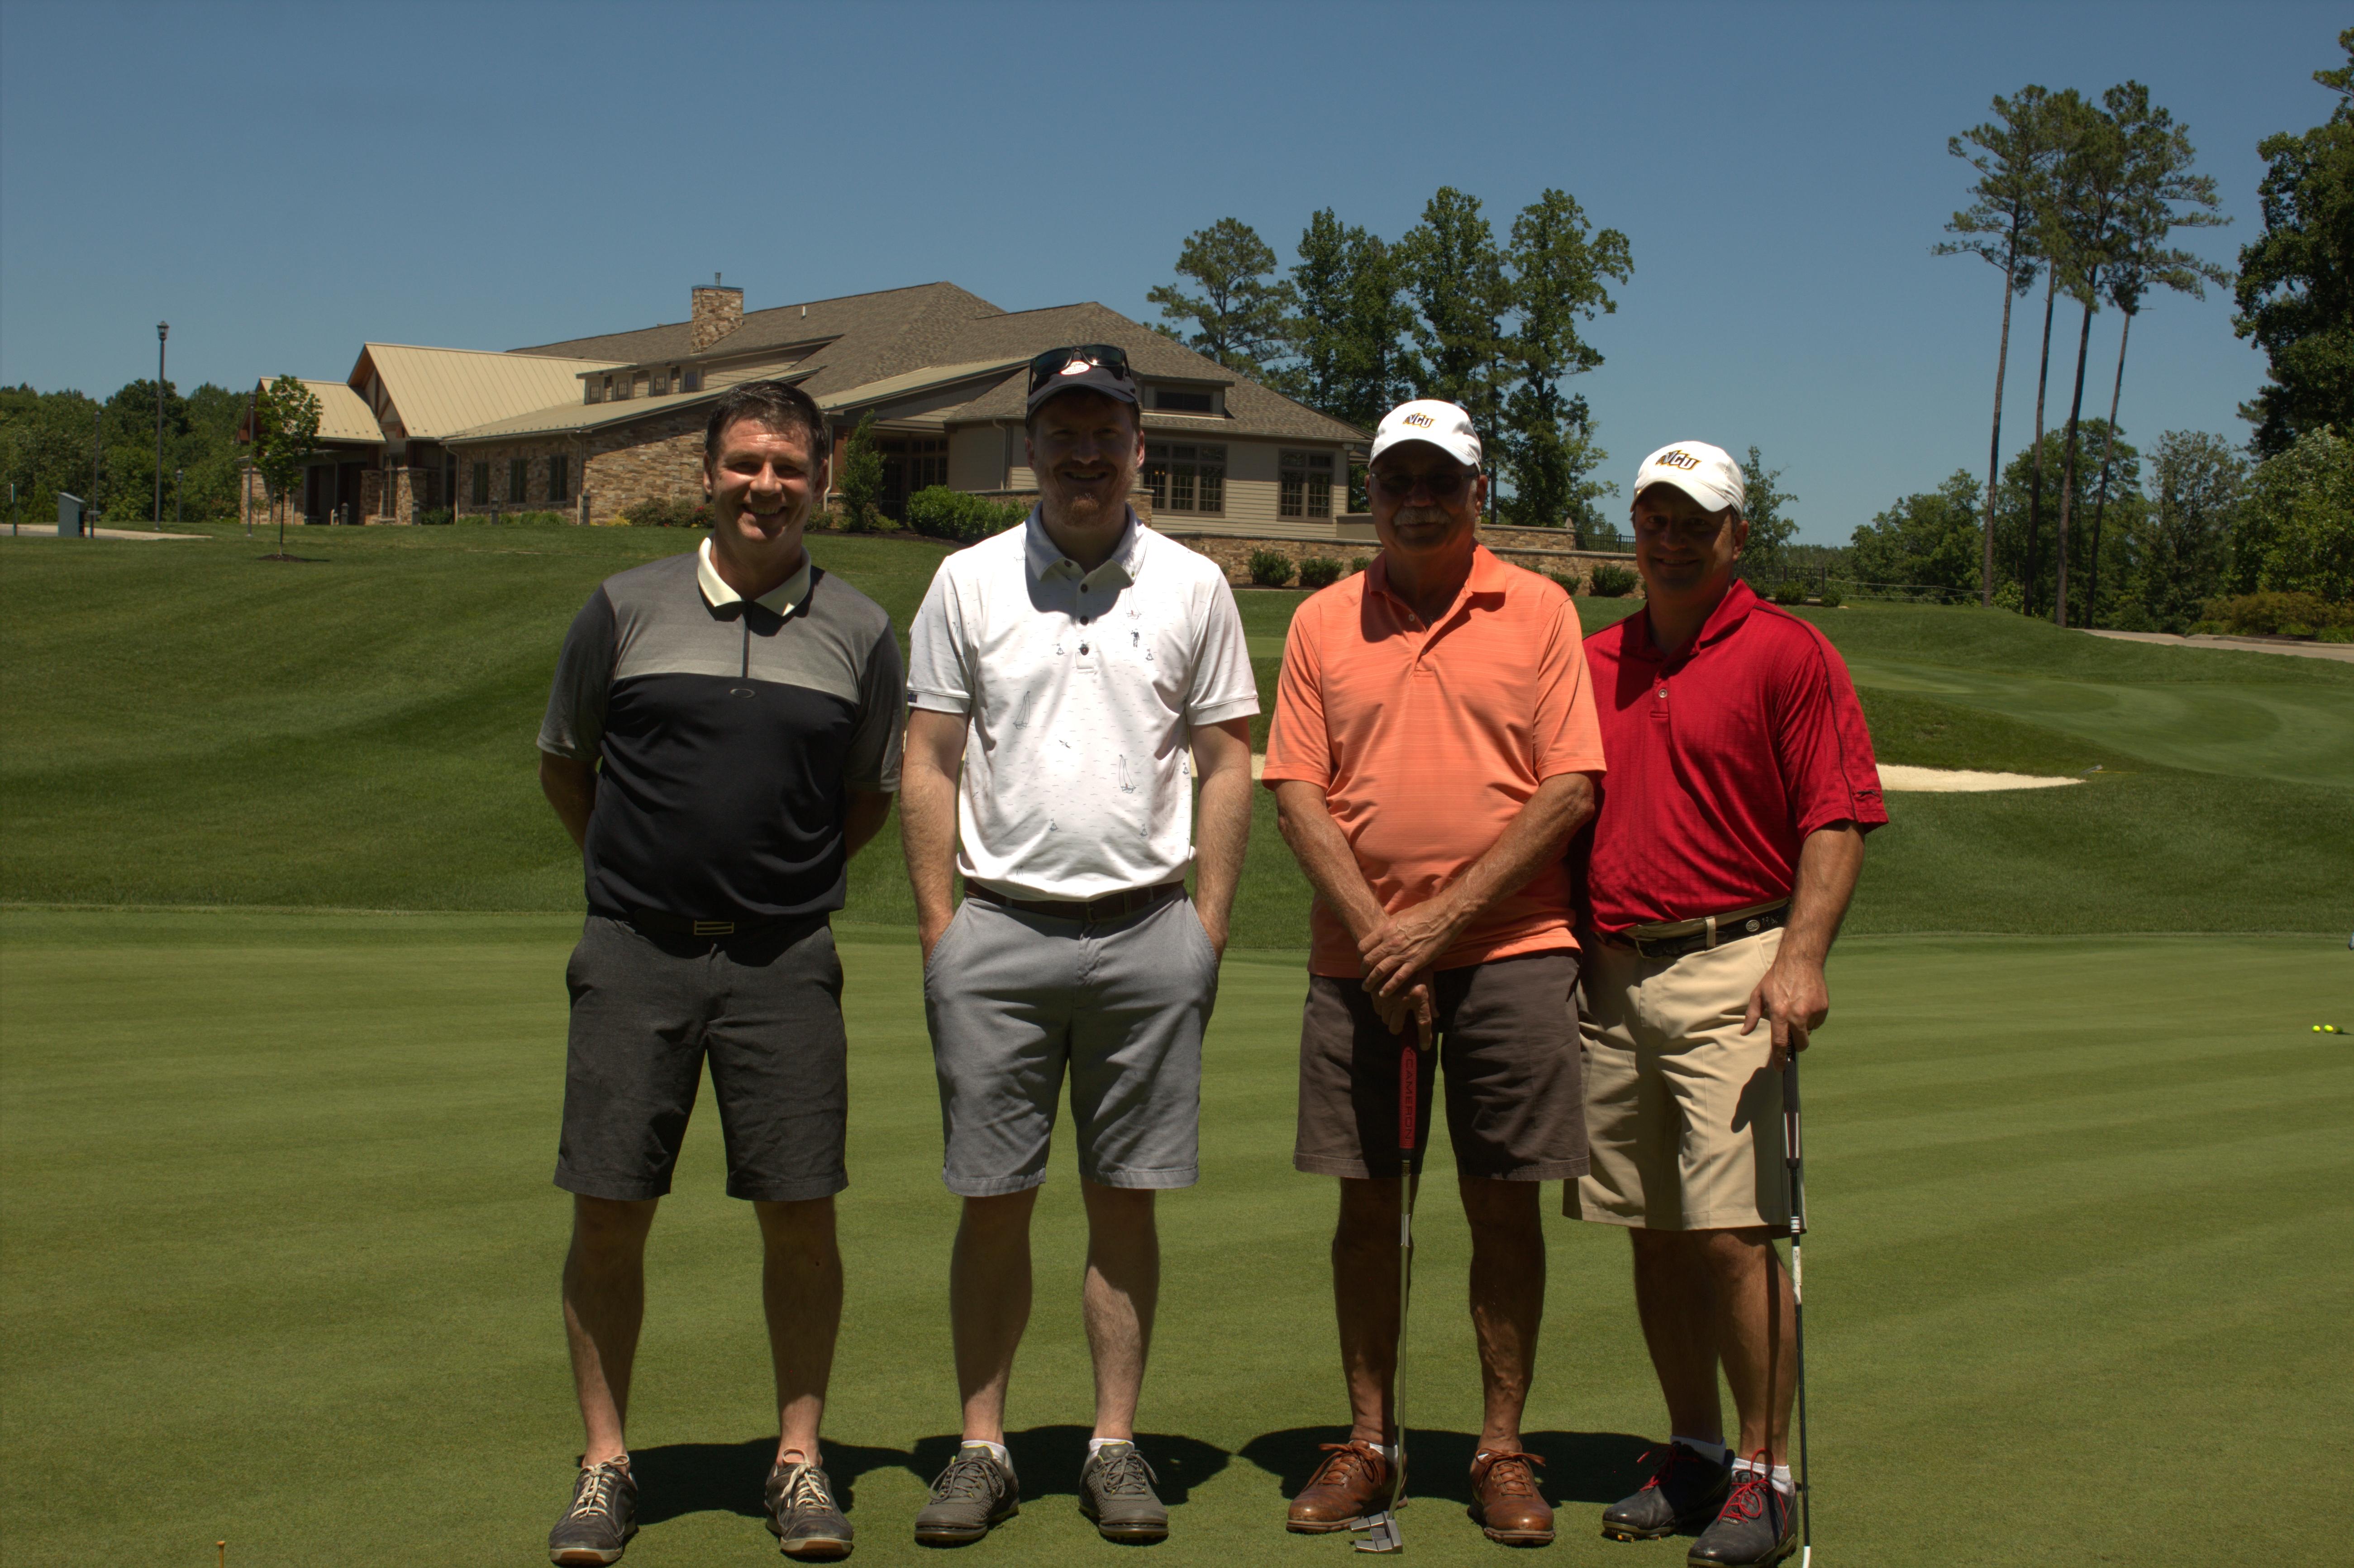 WRBA Golf Tournament Putting Contest 2019 Team-7-02.jpg